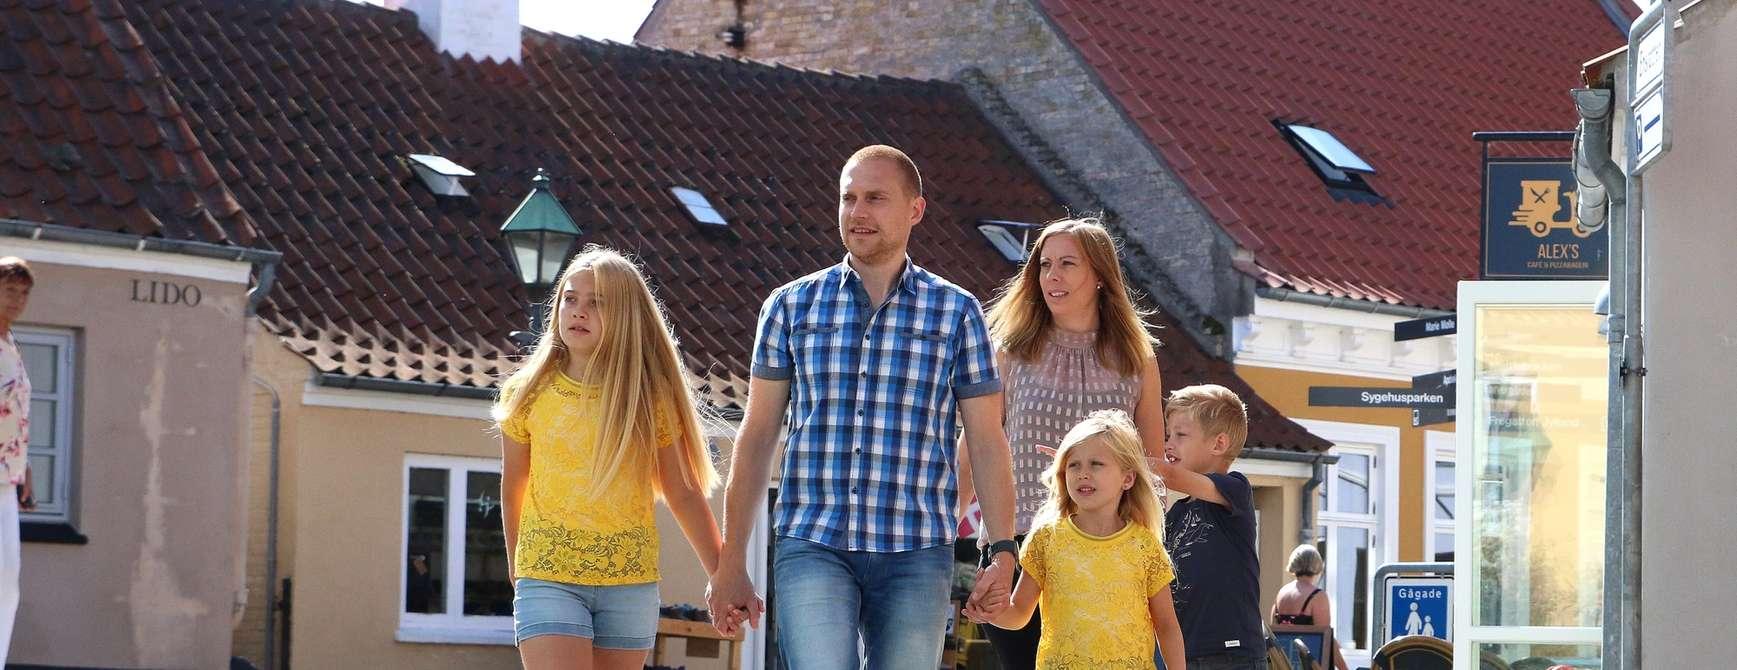 Familien Hetland fra Jæren besøkte Djursland og storkoste seg, stor som lien. Familien har definitivt fått seg et nytt favorittområde i Danmark. Foto: Fjord Line